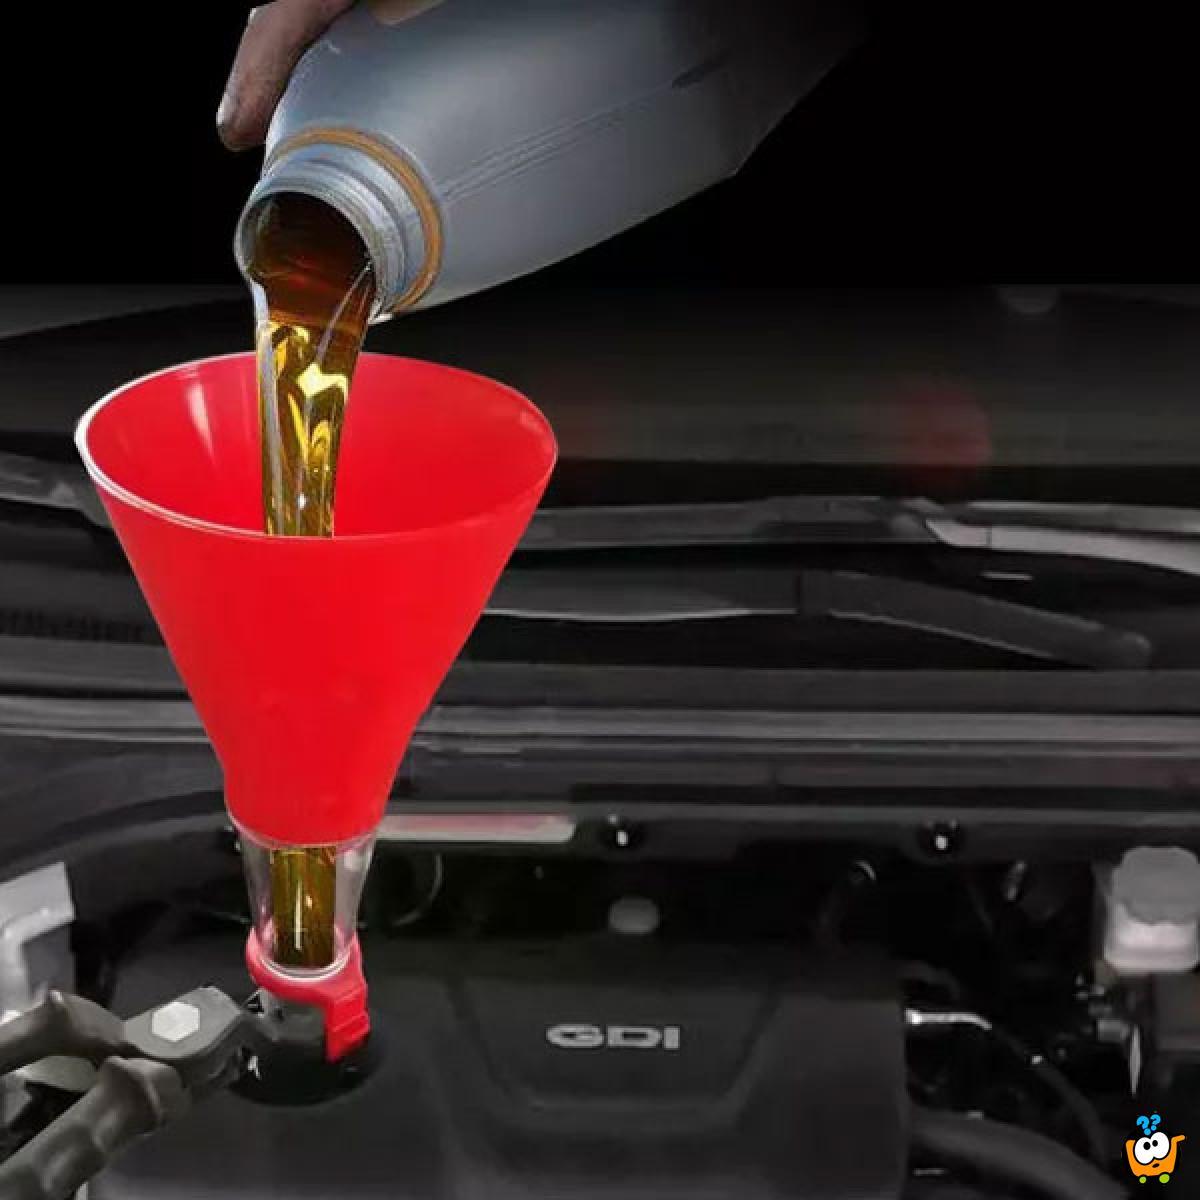 Univerzalni levak za sipanje goriva u automobil